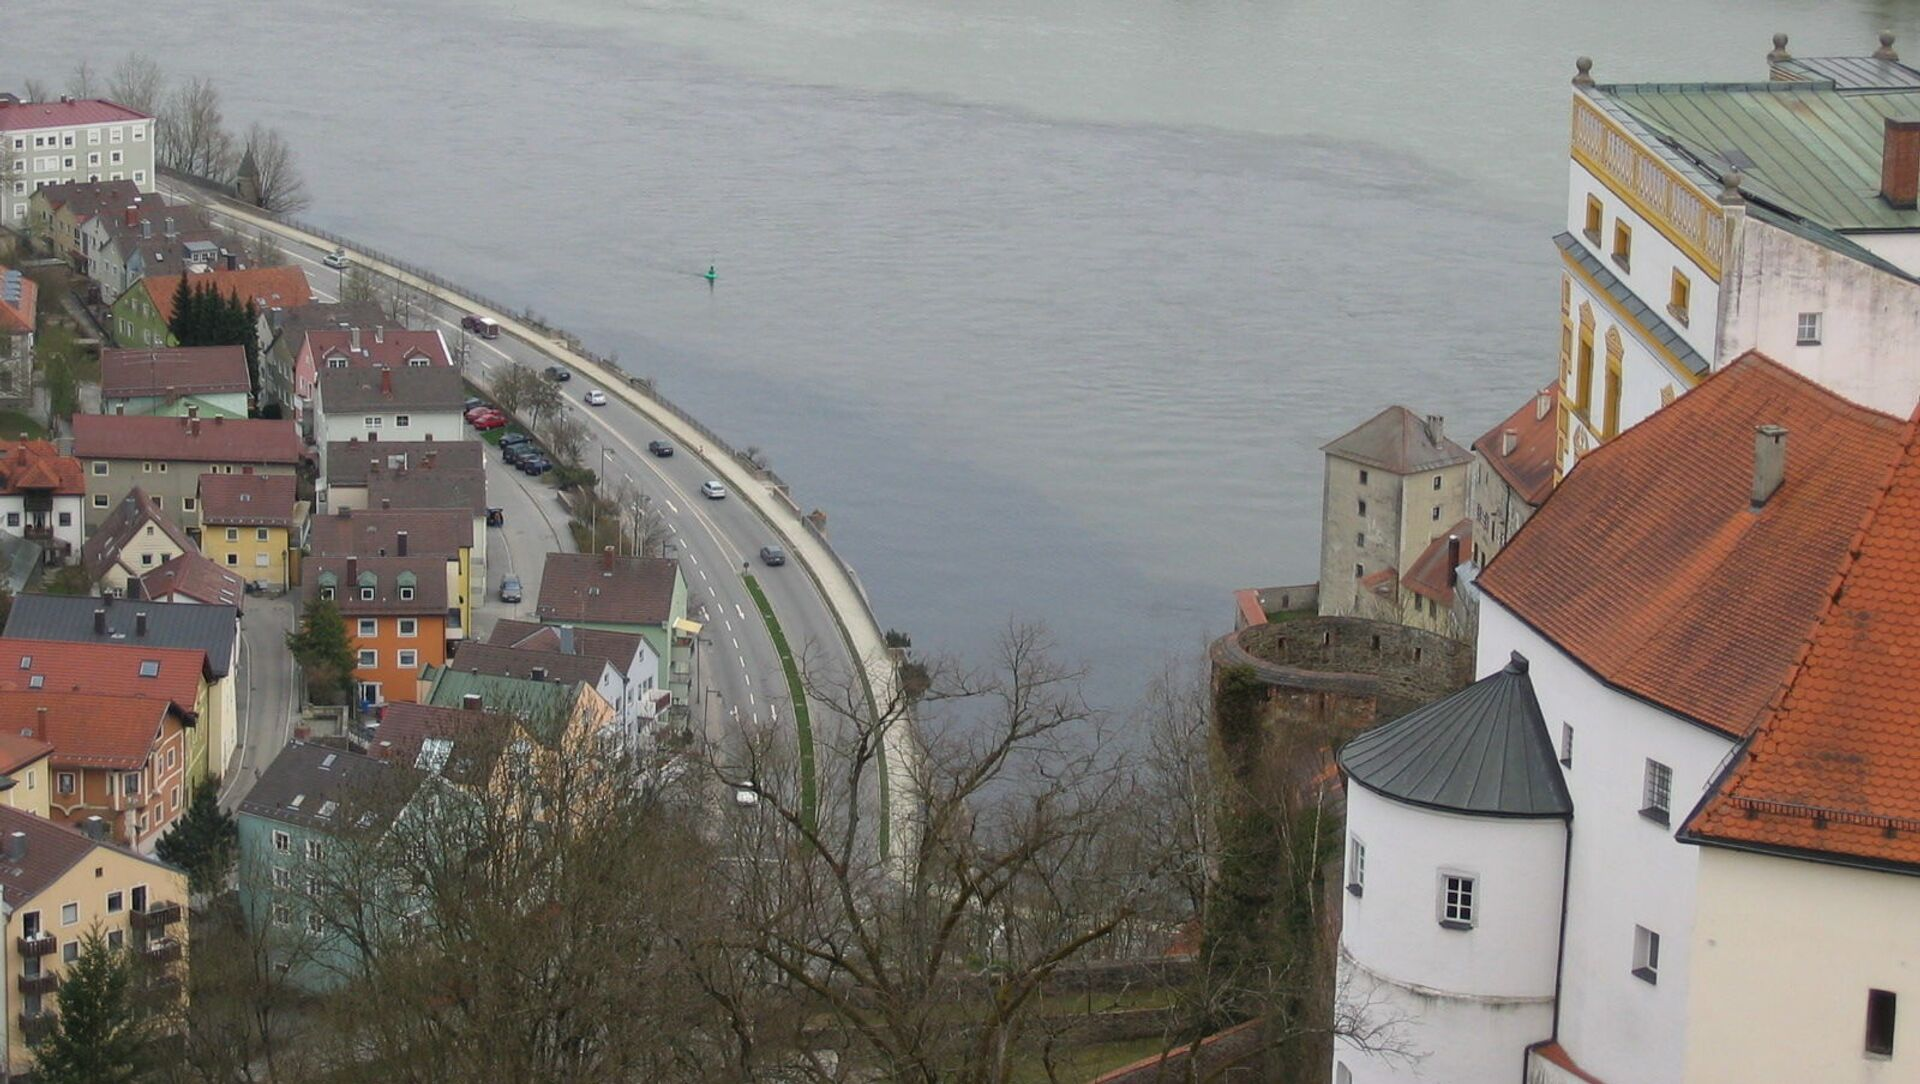 La ville de Passau, en Allemagne - Sputnik France, 1920, 31.07.2021